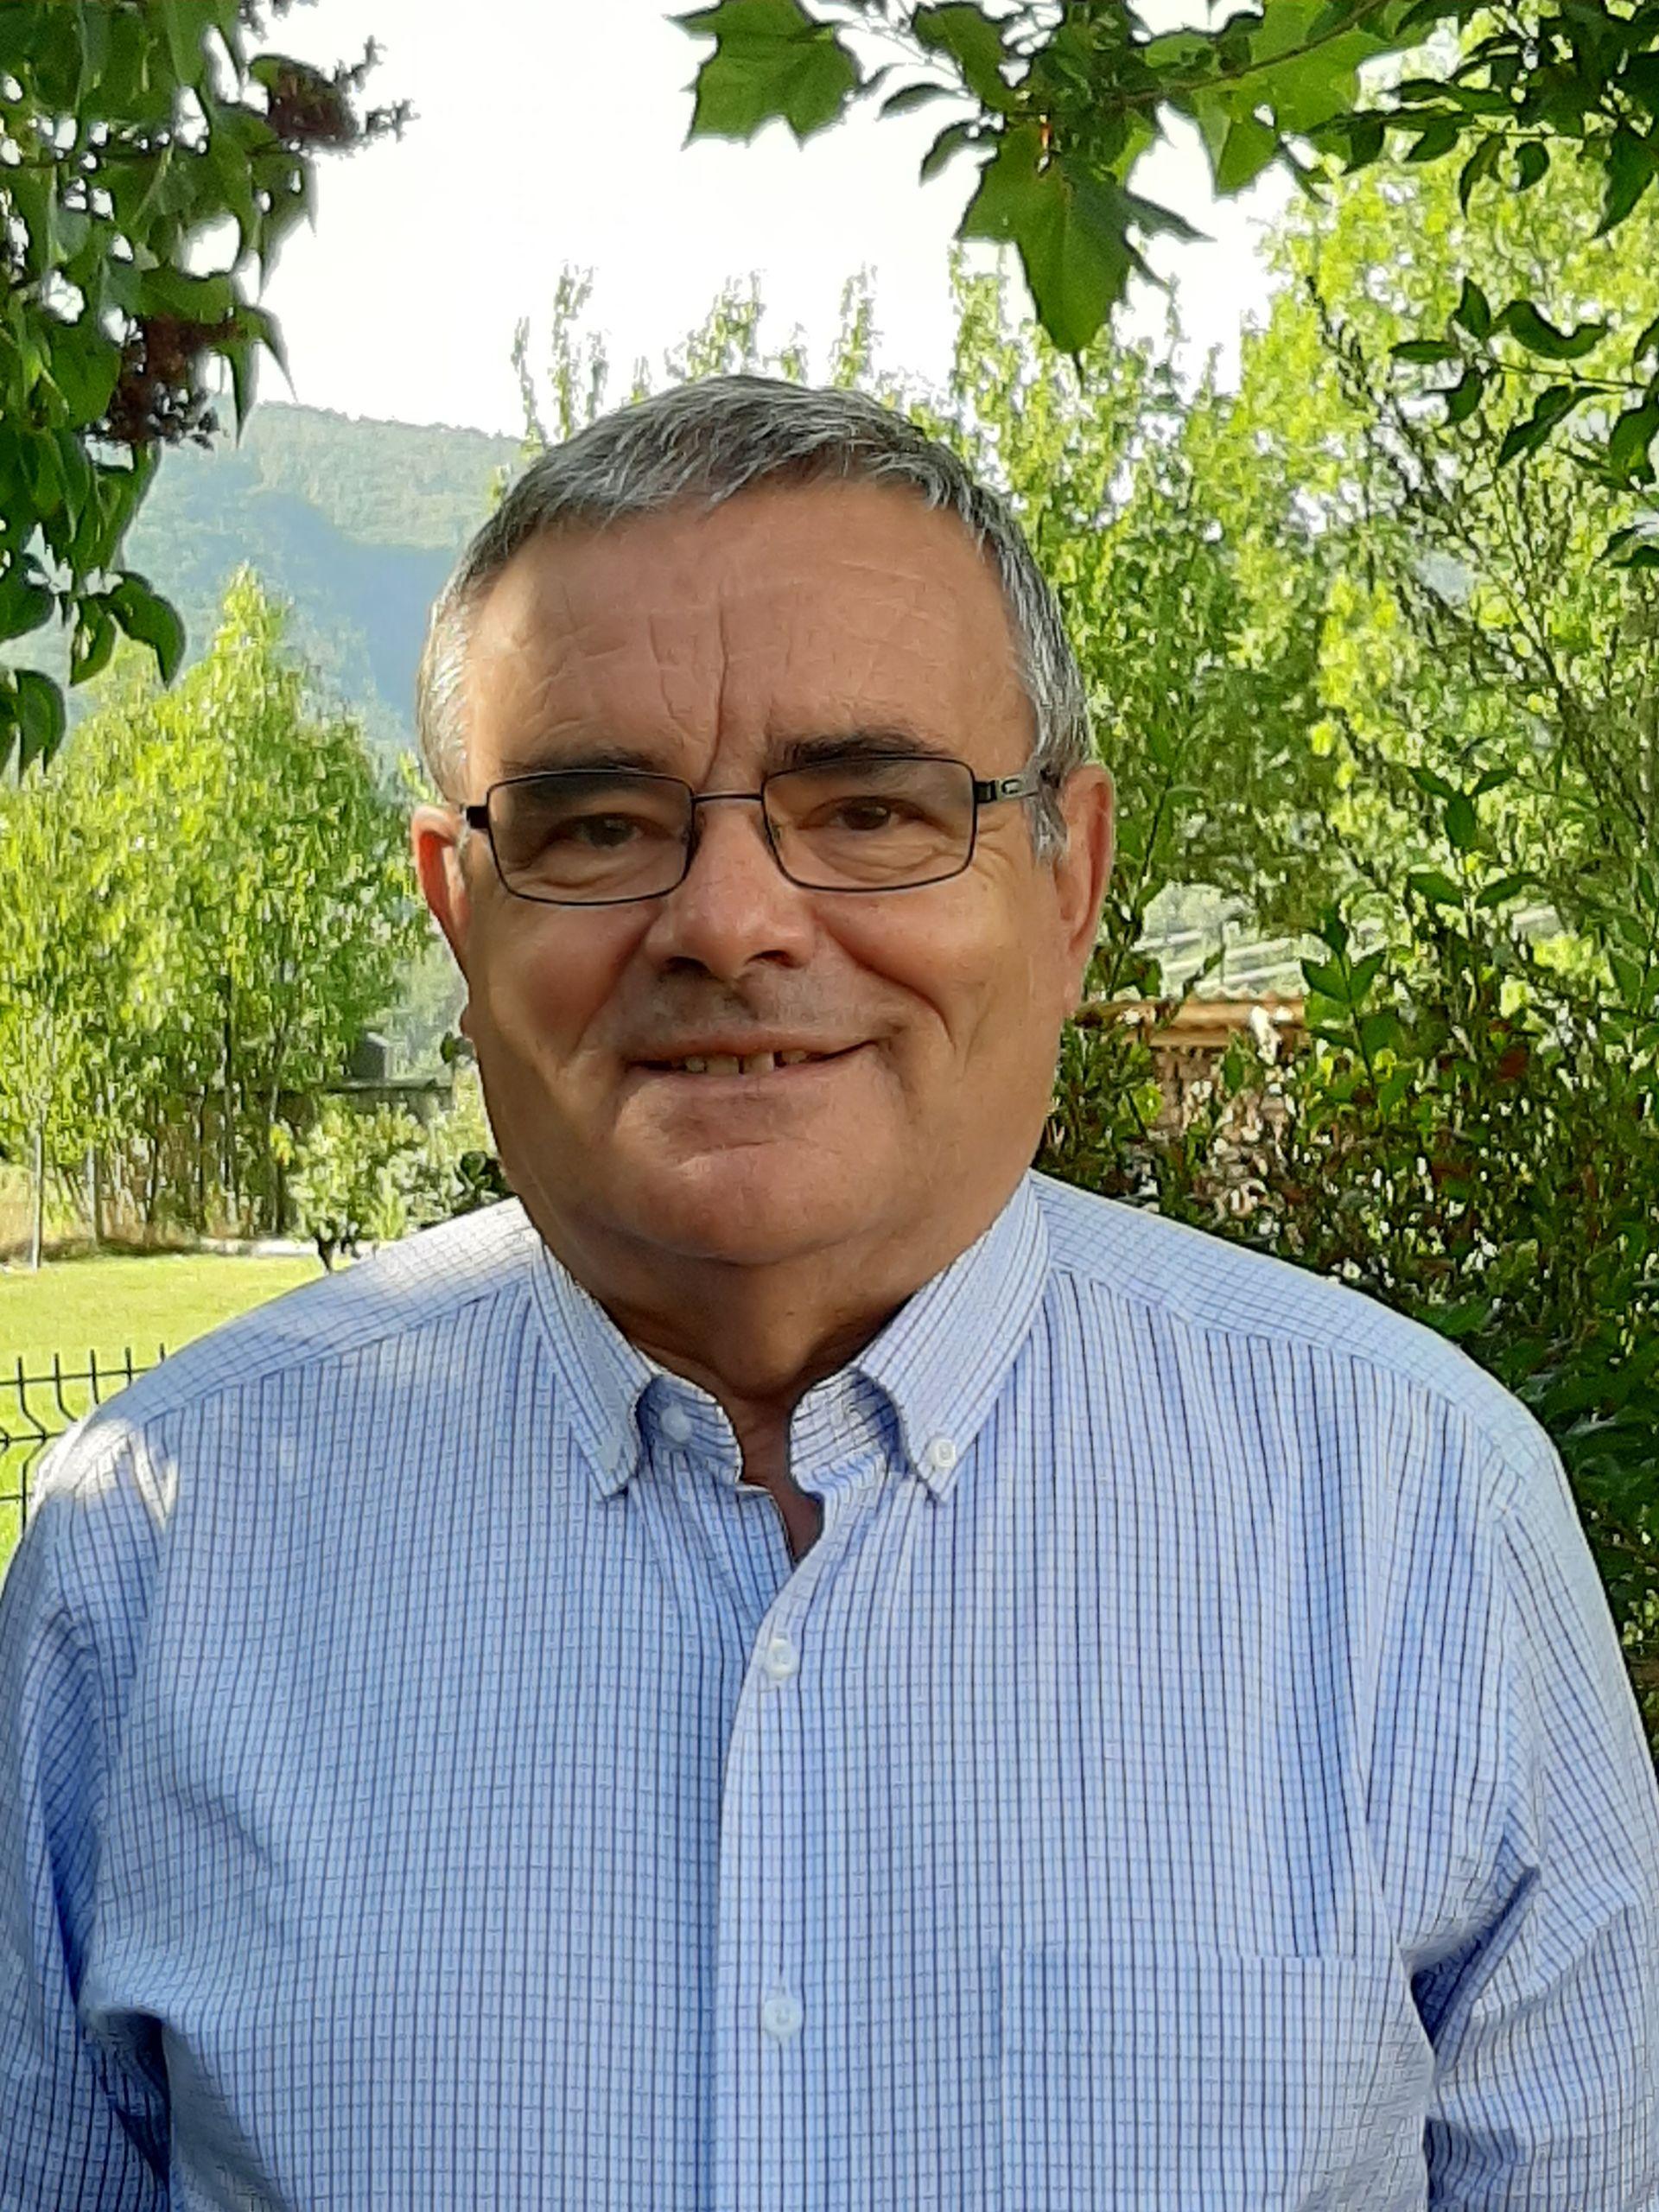 Jean-Marc AUROUZE, Maire de Montgardin